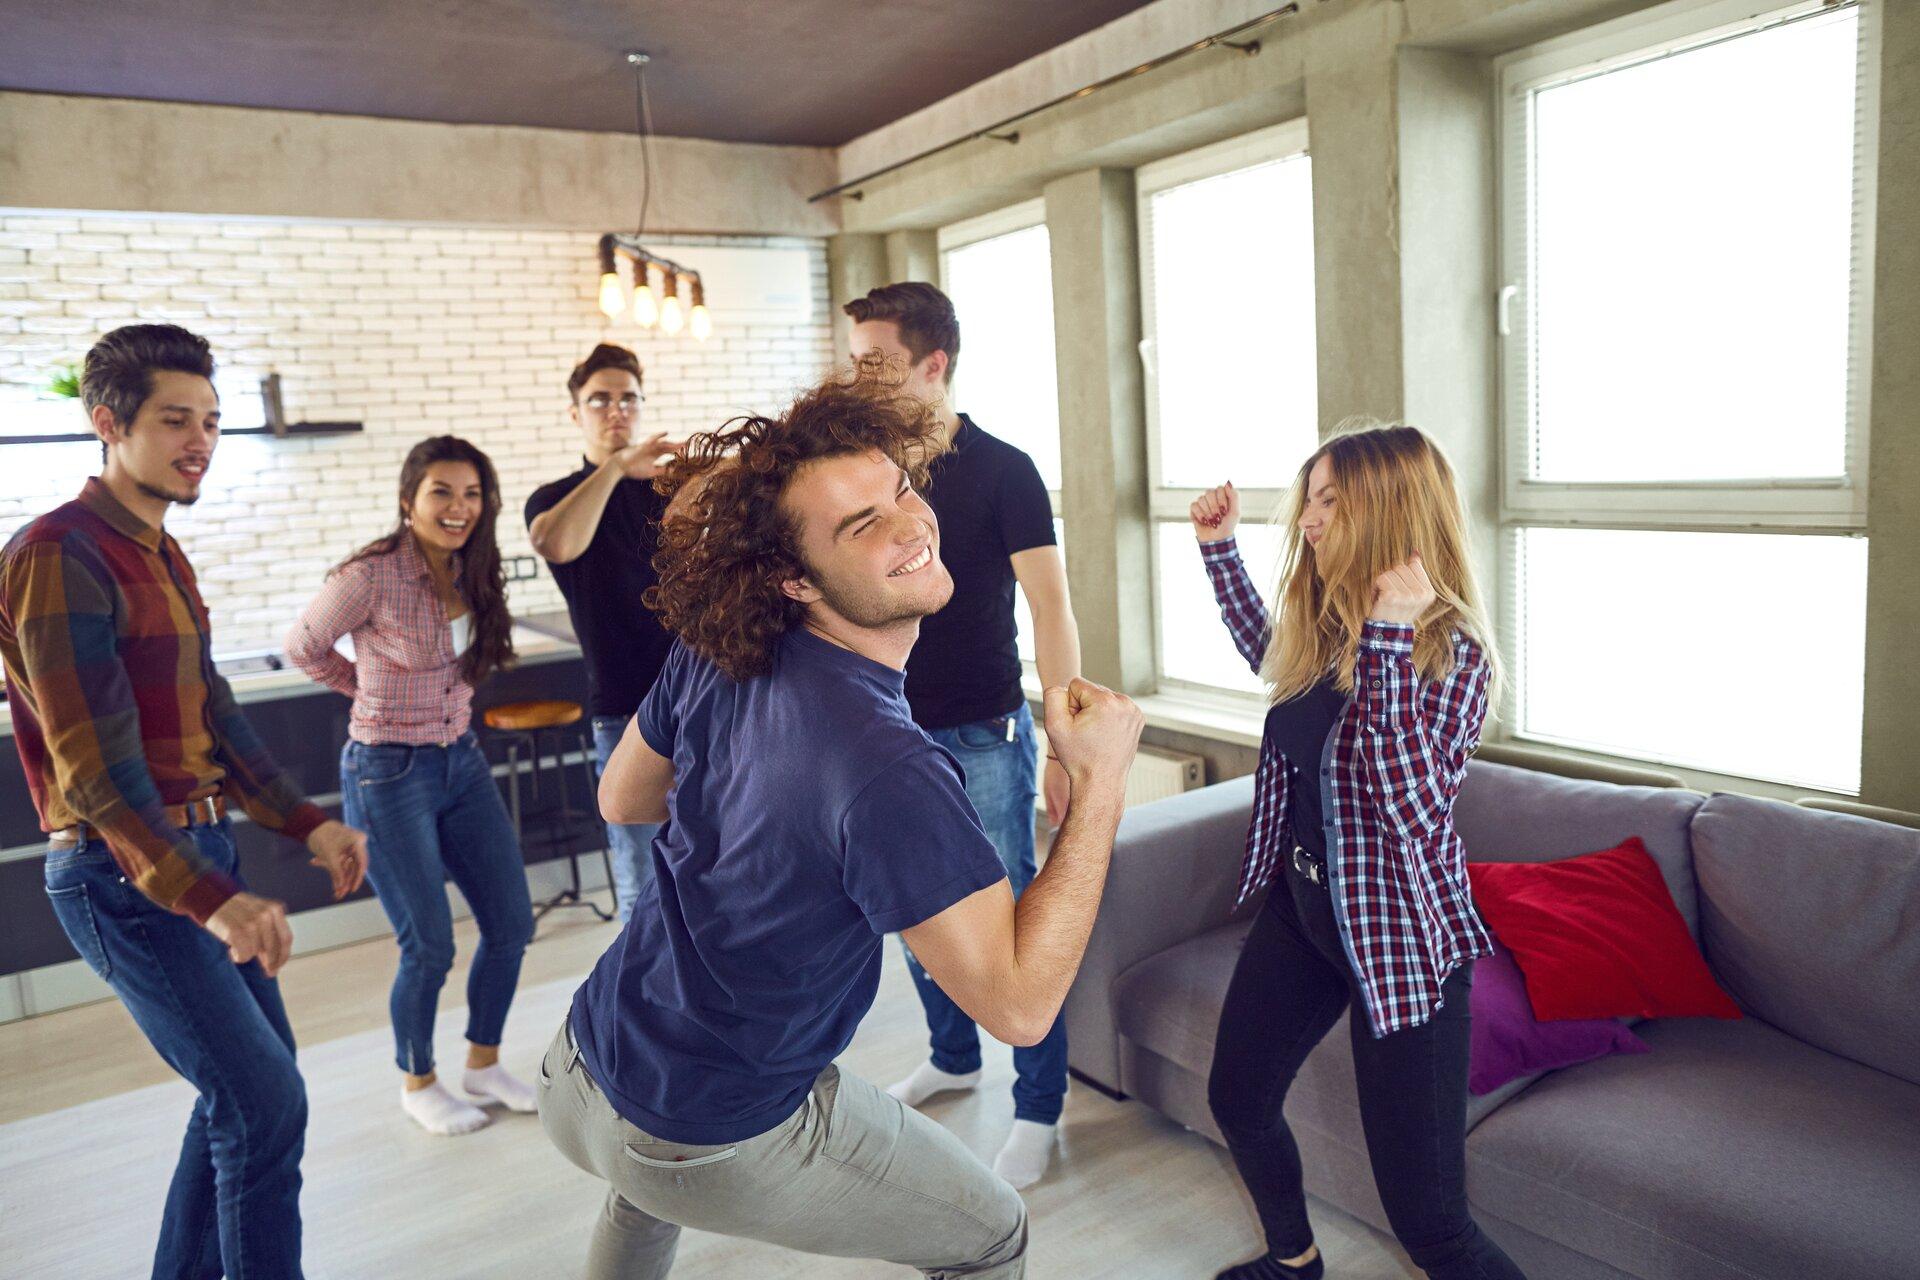 Ilustracja przedstawia sześciu nastolatków podczas tańca.